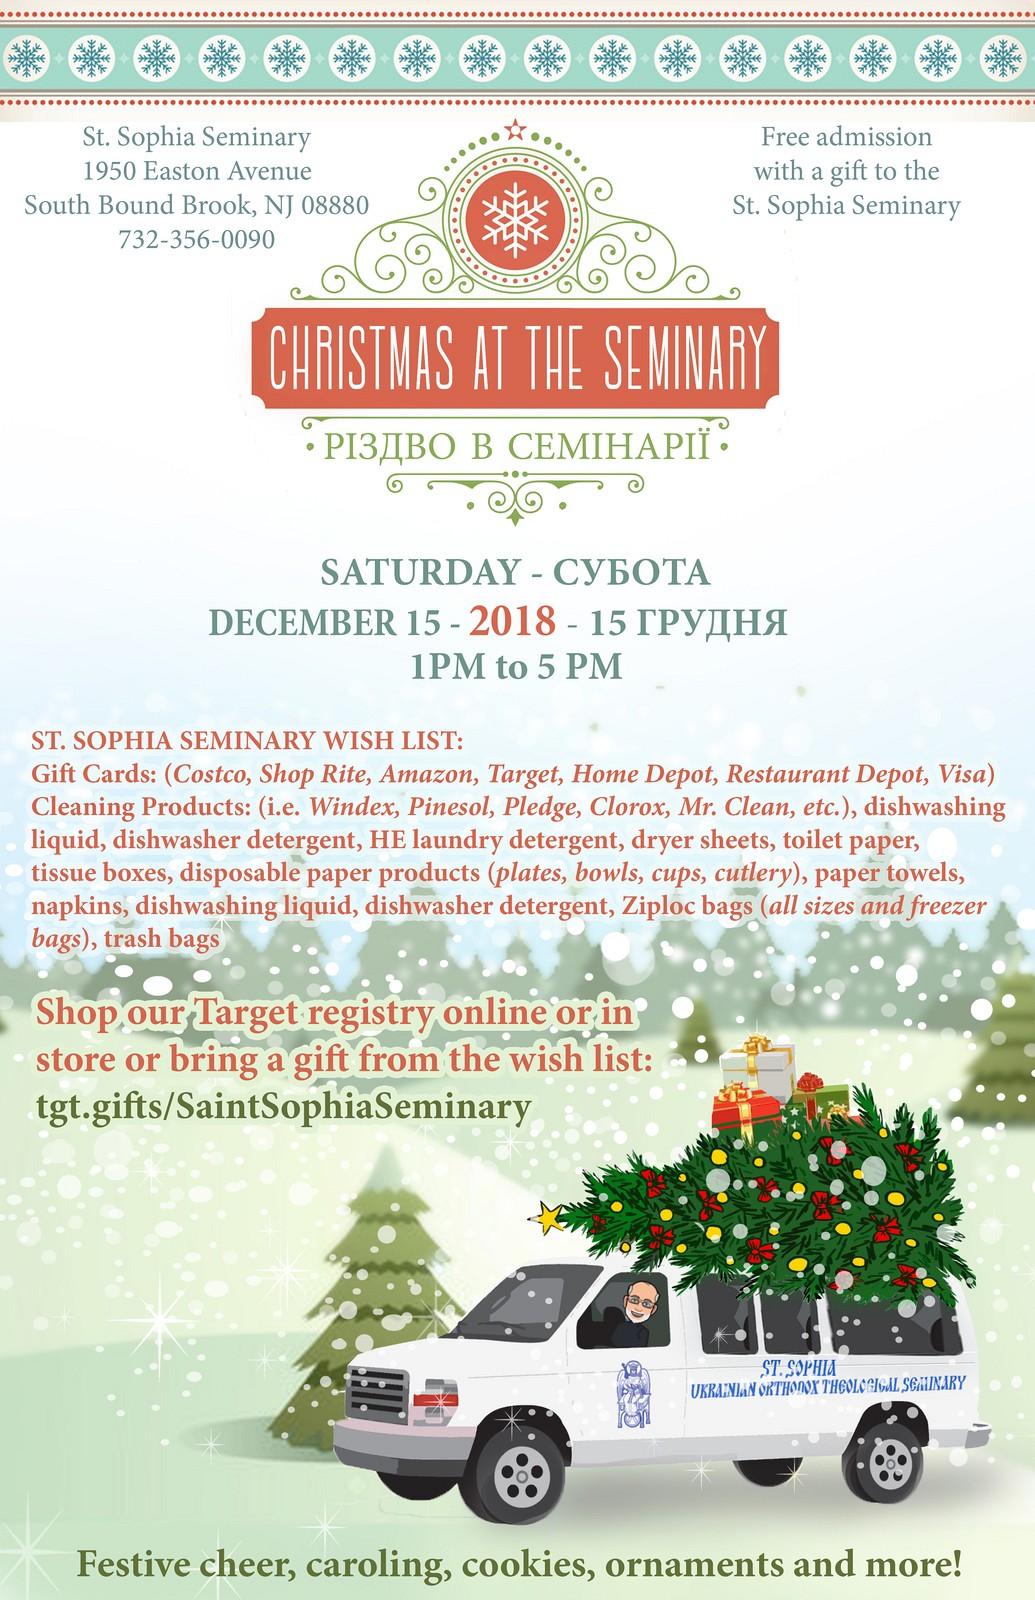 St. Sophia Seminary - 15 December, 2018 - Christmas at the Seminary